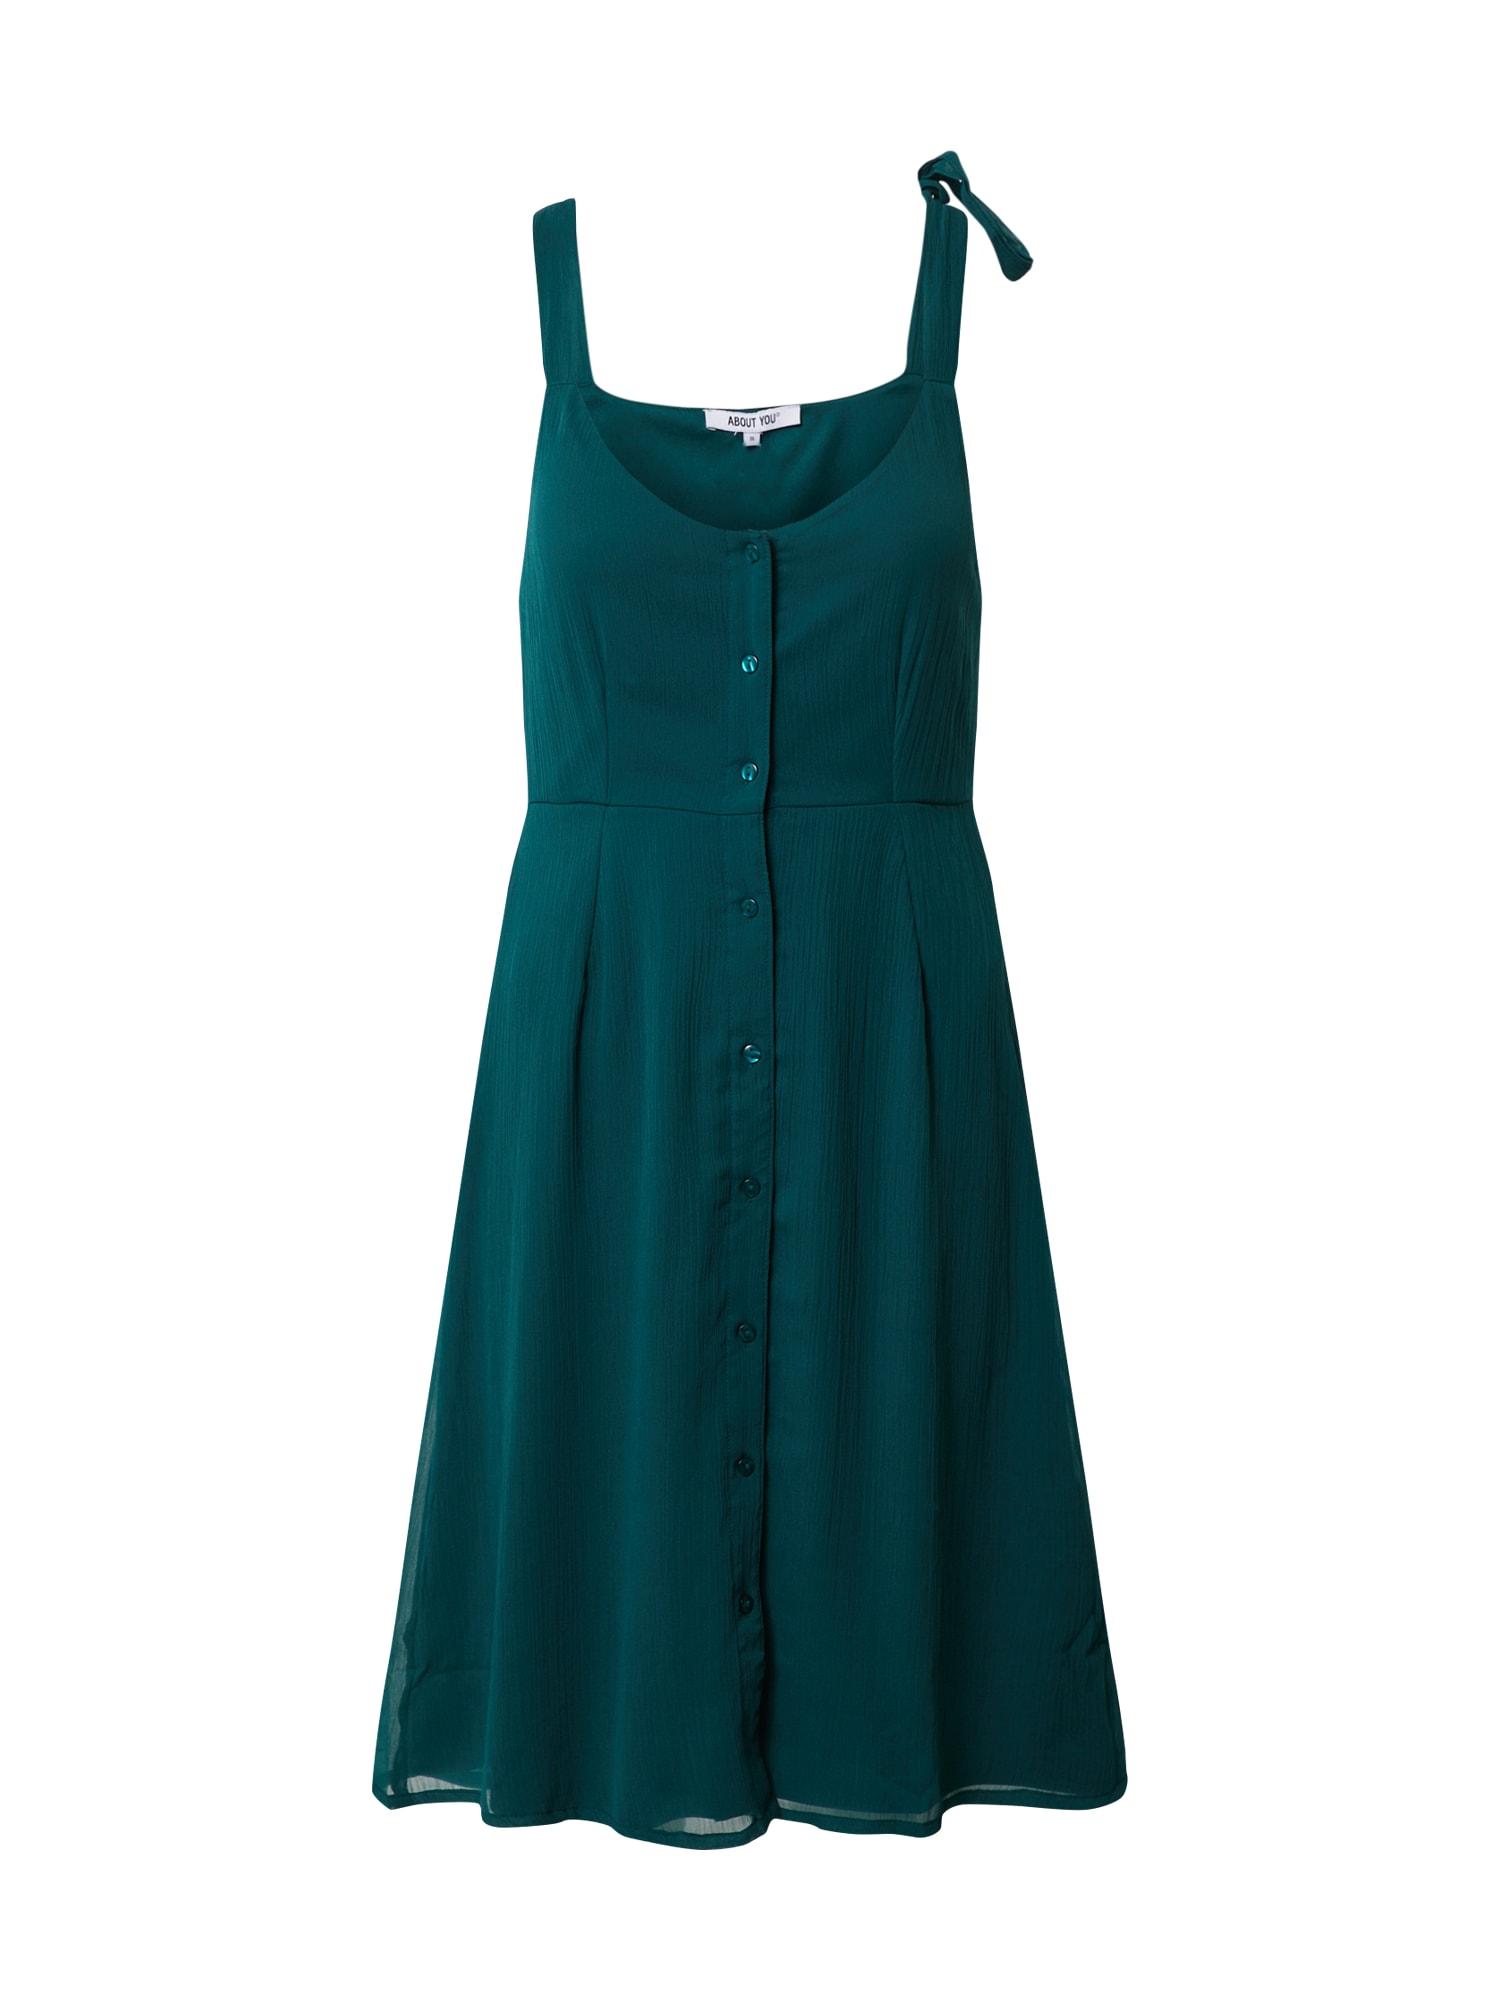 ABOUT YOU Suknelė 'Arabella' smaragdinė spalva